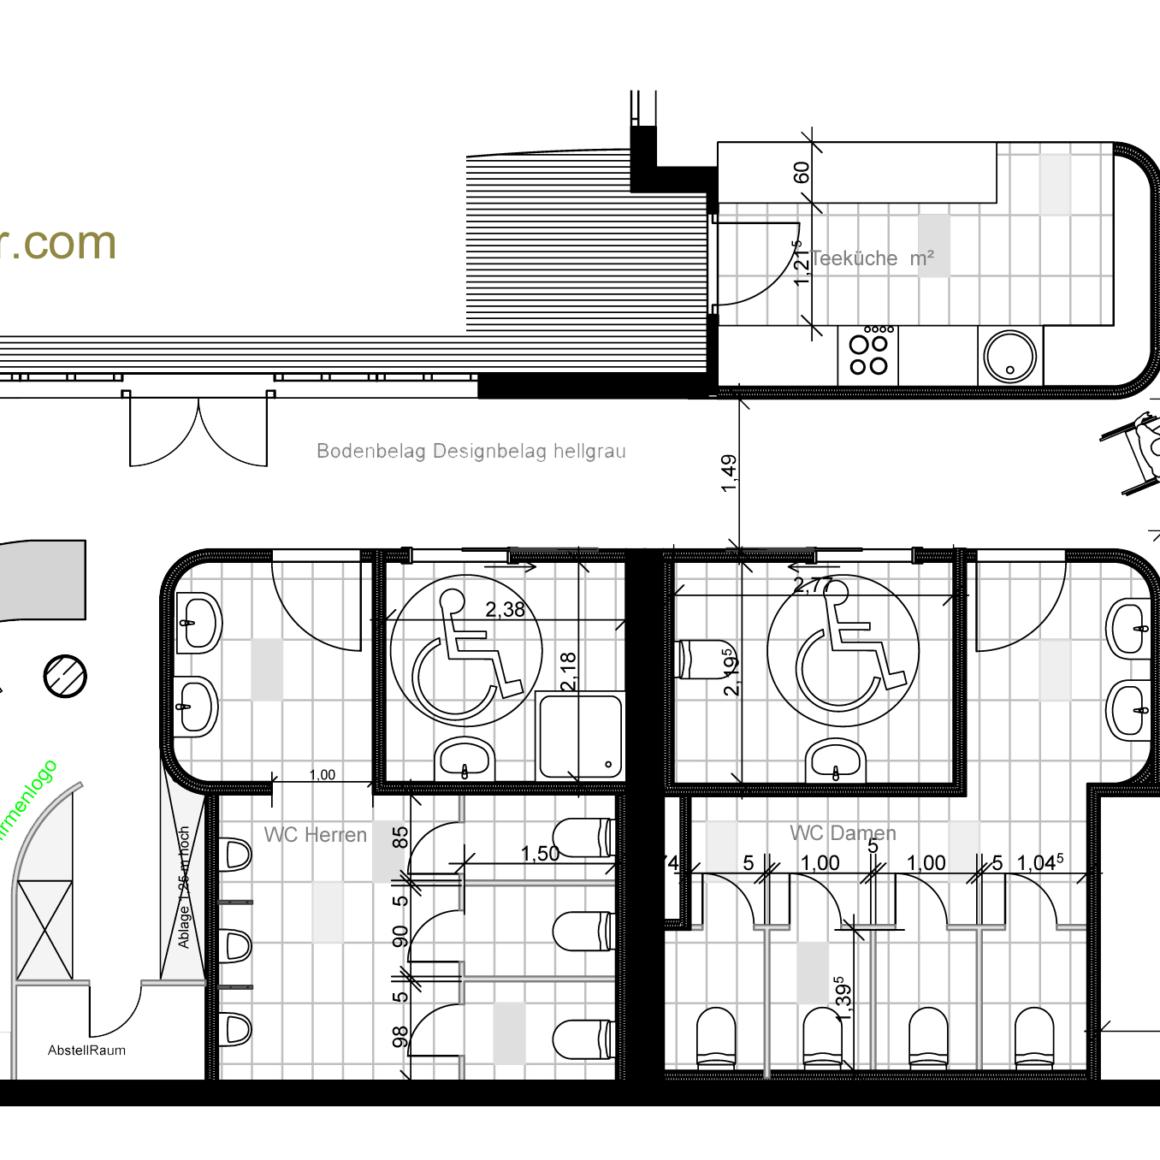 Grundrissplanung einer Pflegeeinrichtung - Umgestaltung eines Grundrisses - Architekt Mannheim